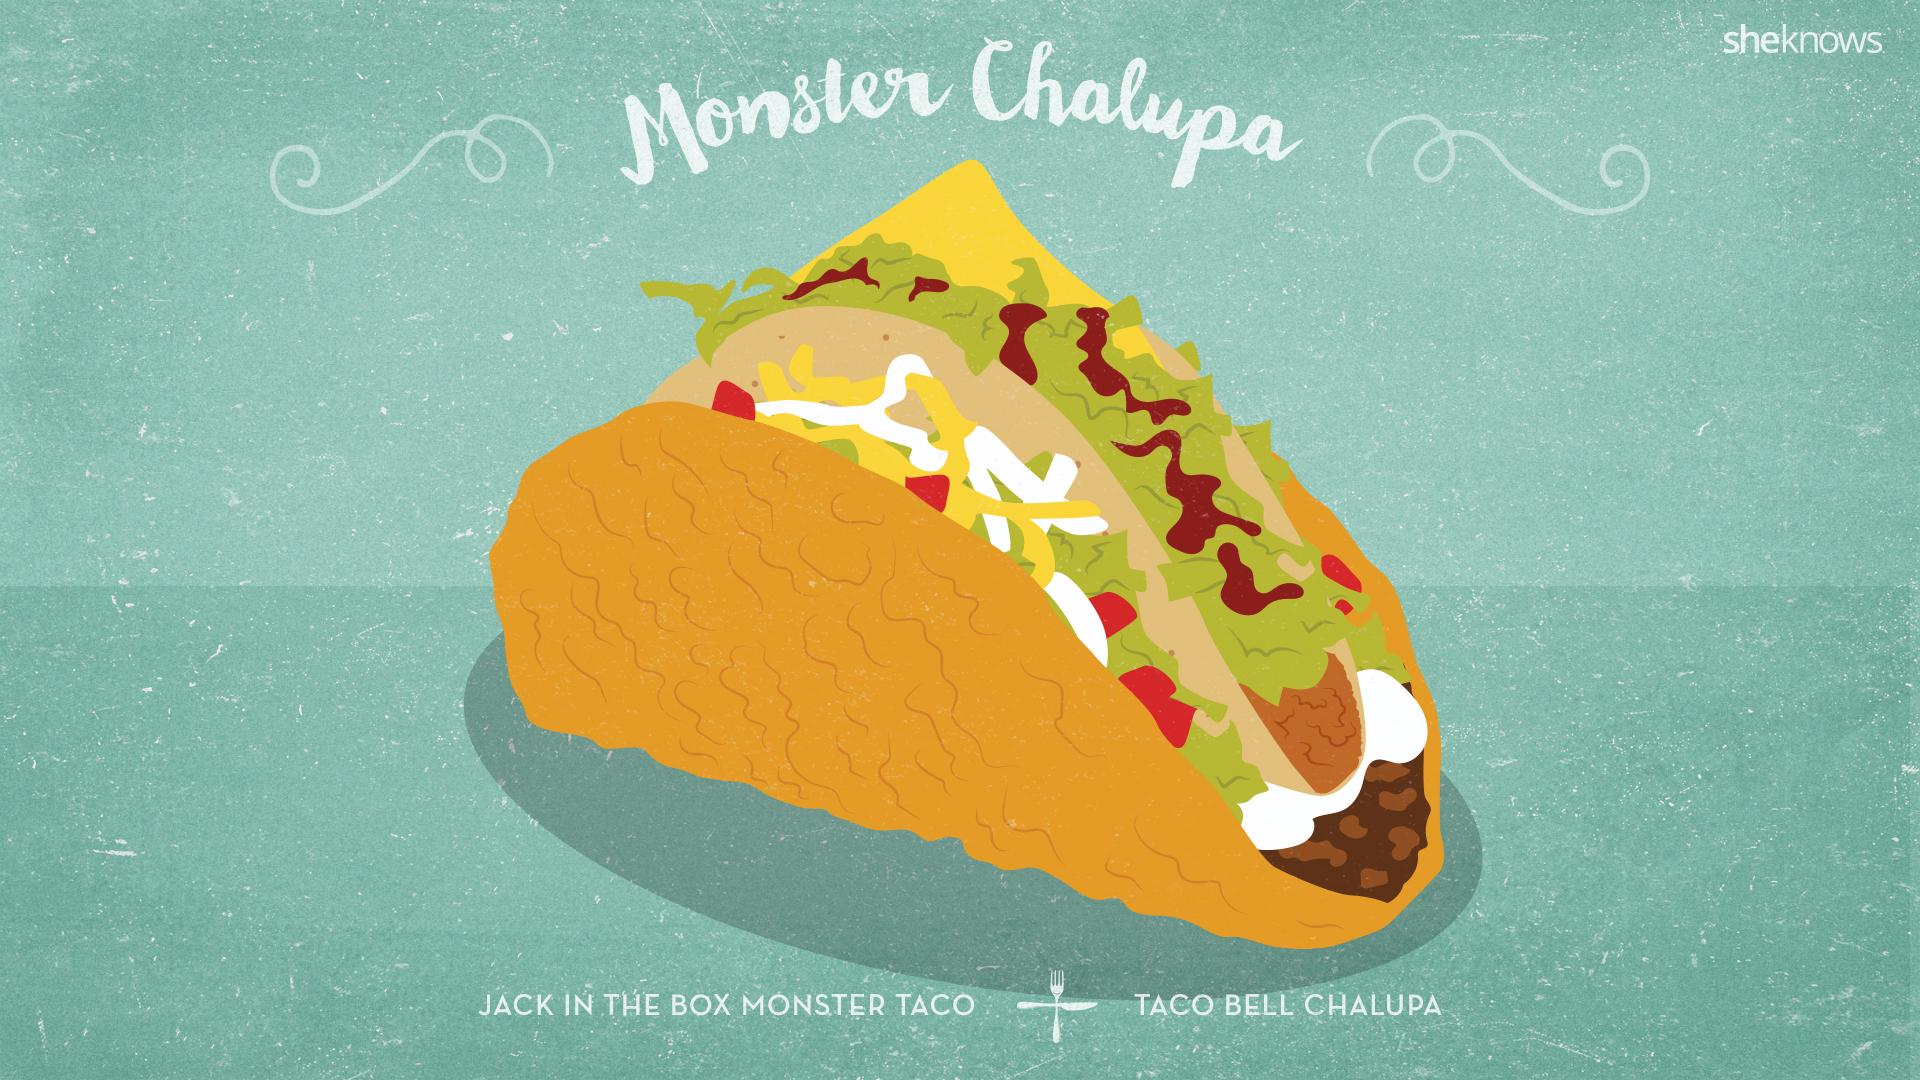 Monster Chalupa